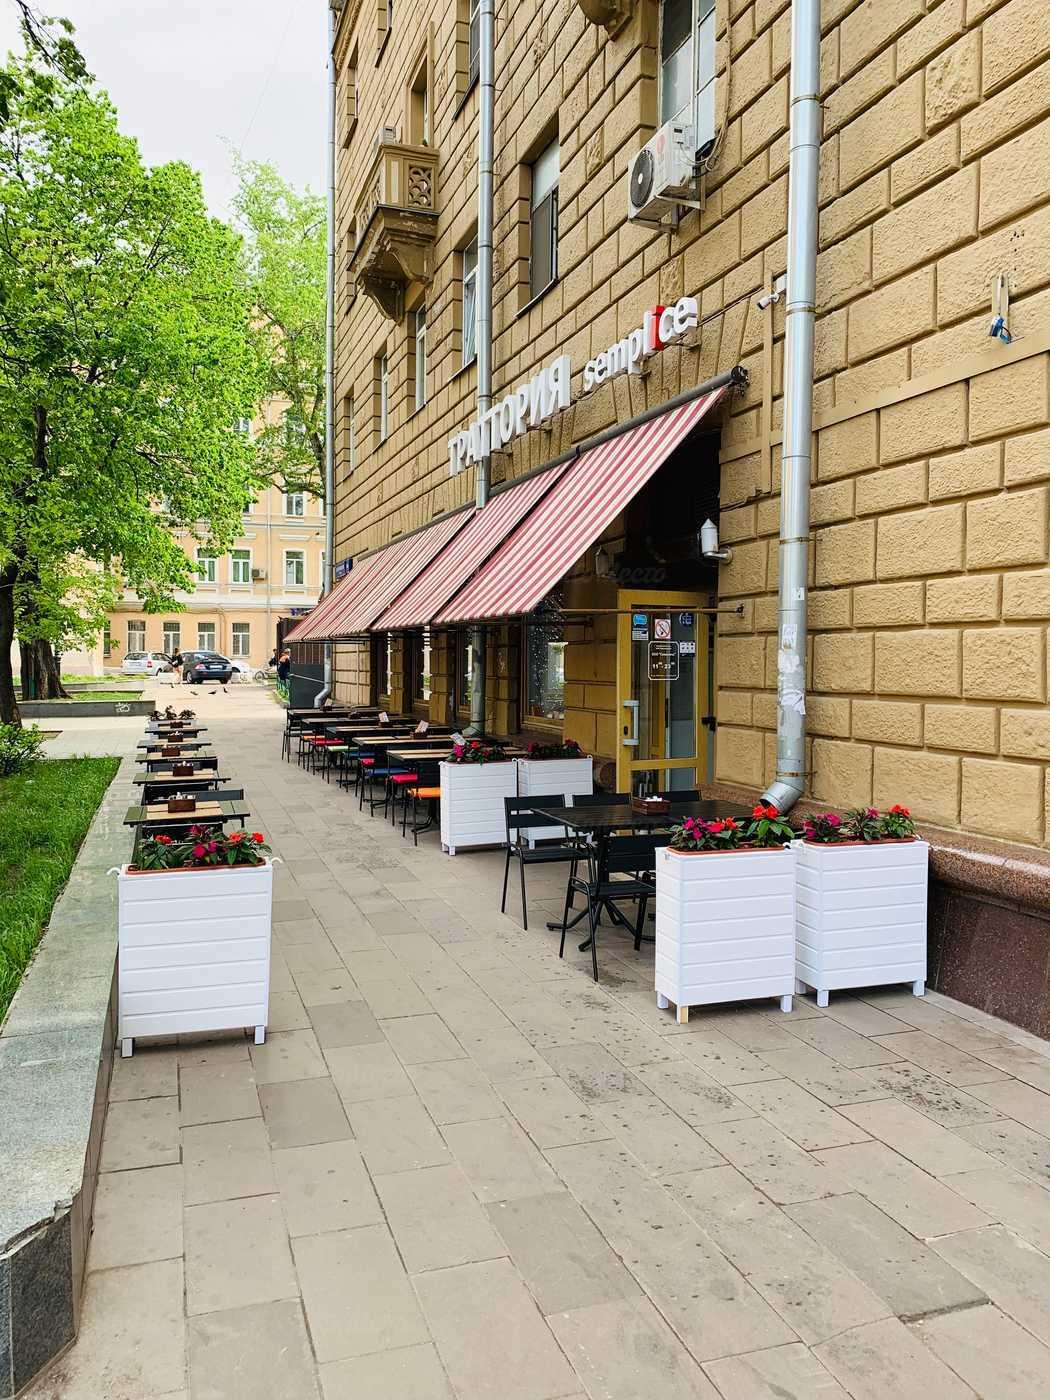 Ресторан Semplice (Траттория Семпличе) на улице Долгоруковской фото 13